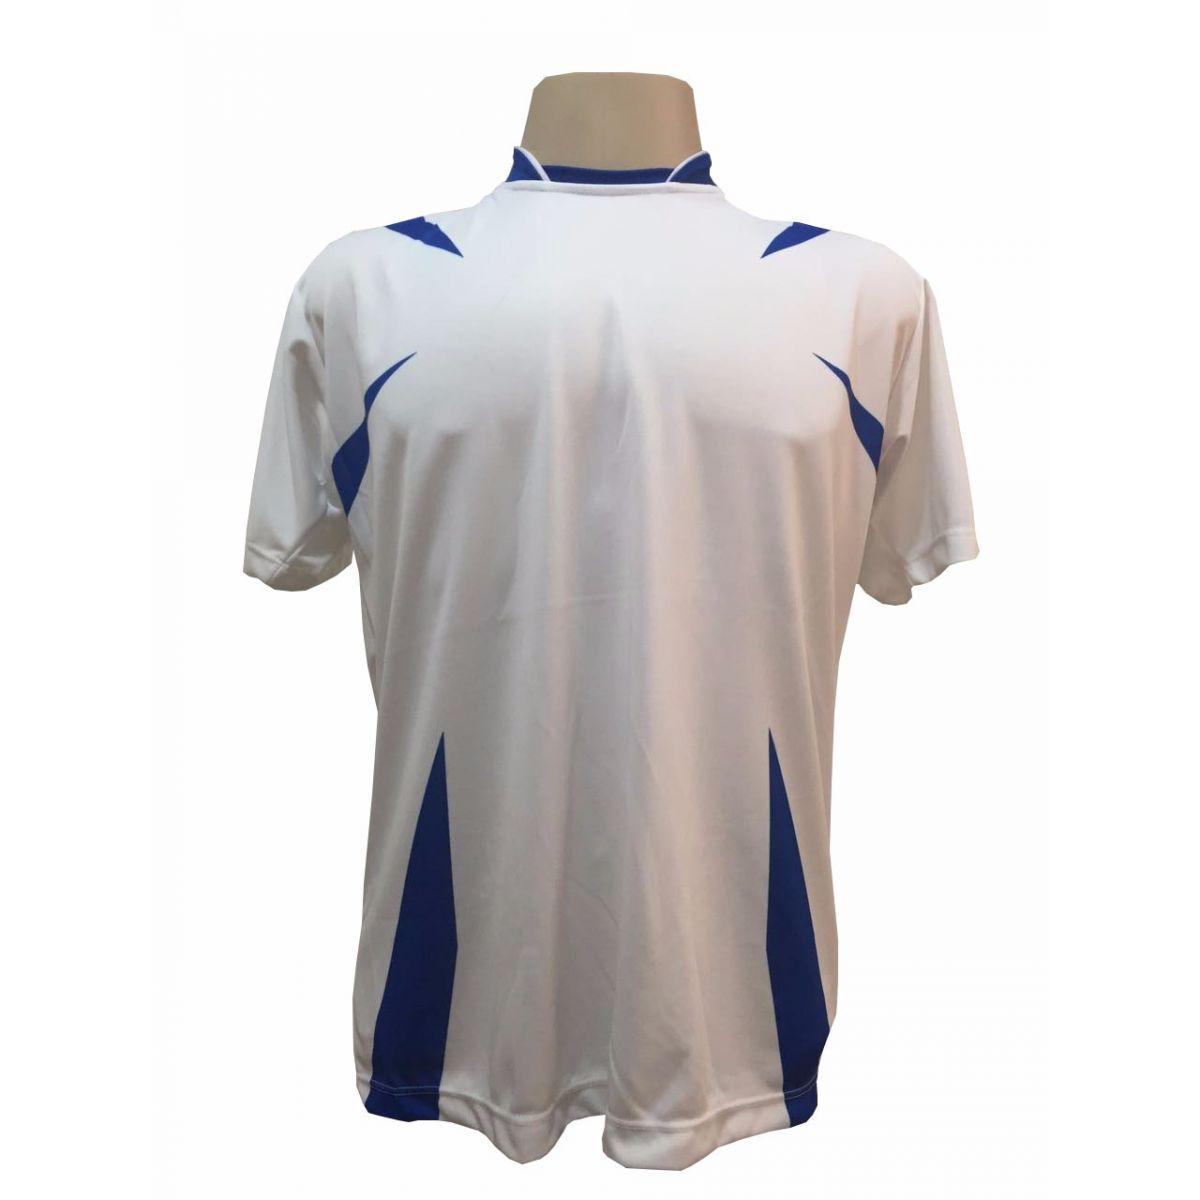 Uniforme Esportivo Completo modelo Palermo 14+1 (14 camisas Branco/Royal + 14 calções Madrid Royal + 14 pares de meiões Royal + 1 conjunto de goleiro) + Brindes